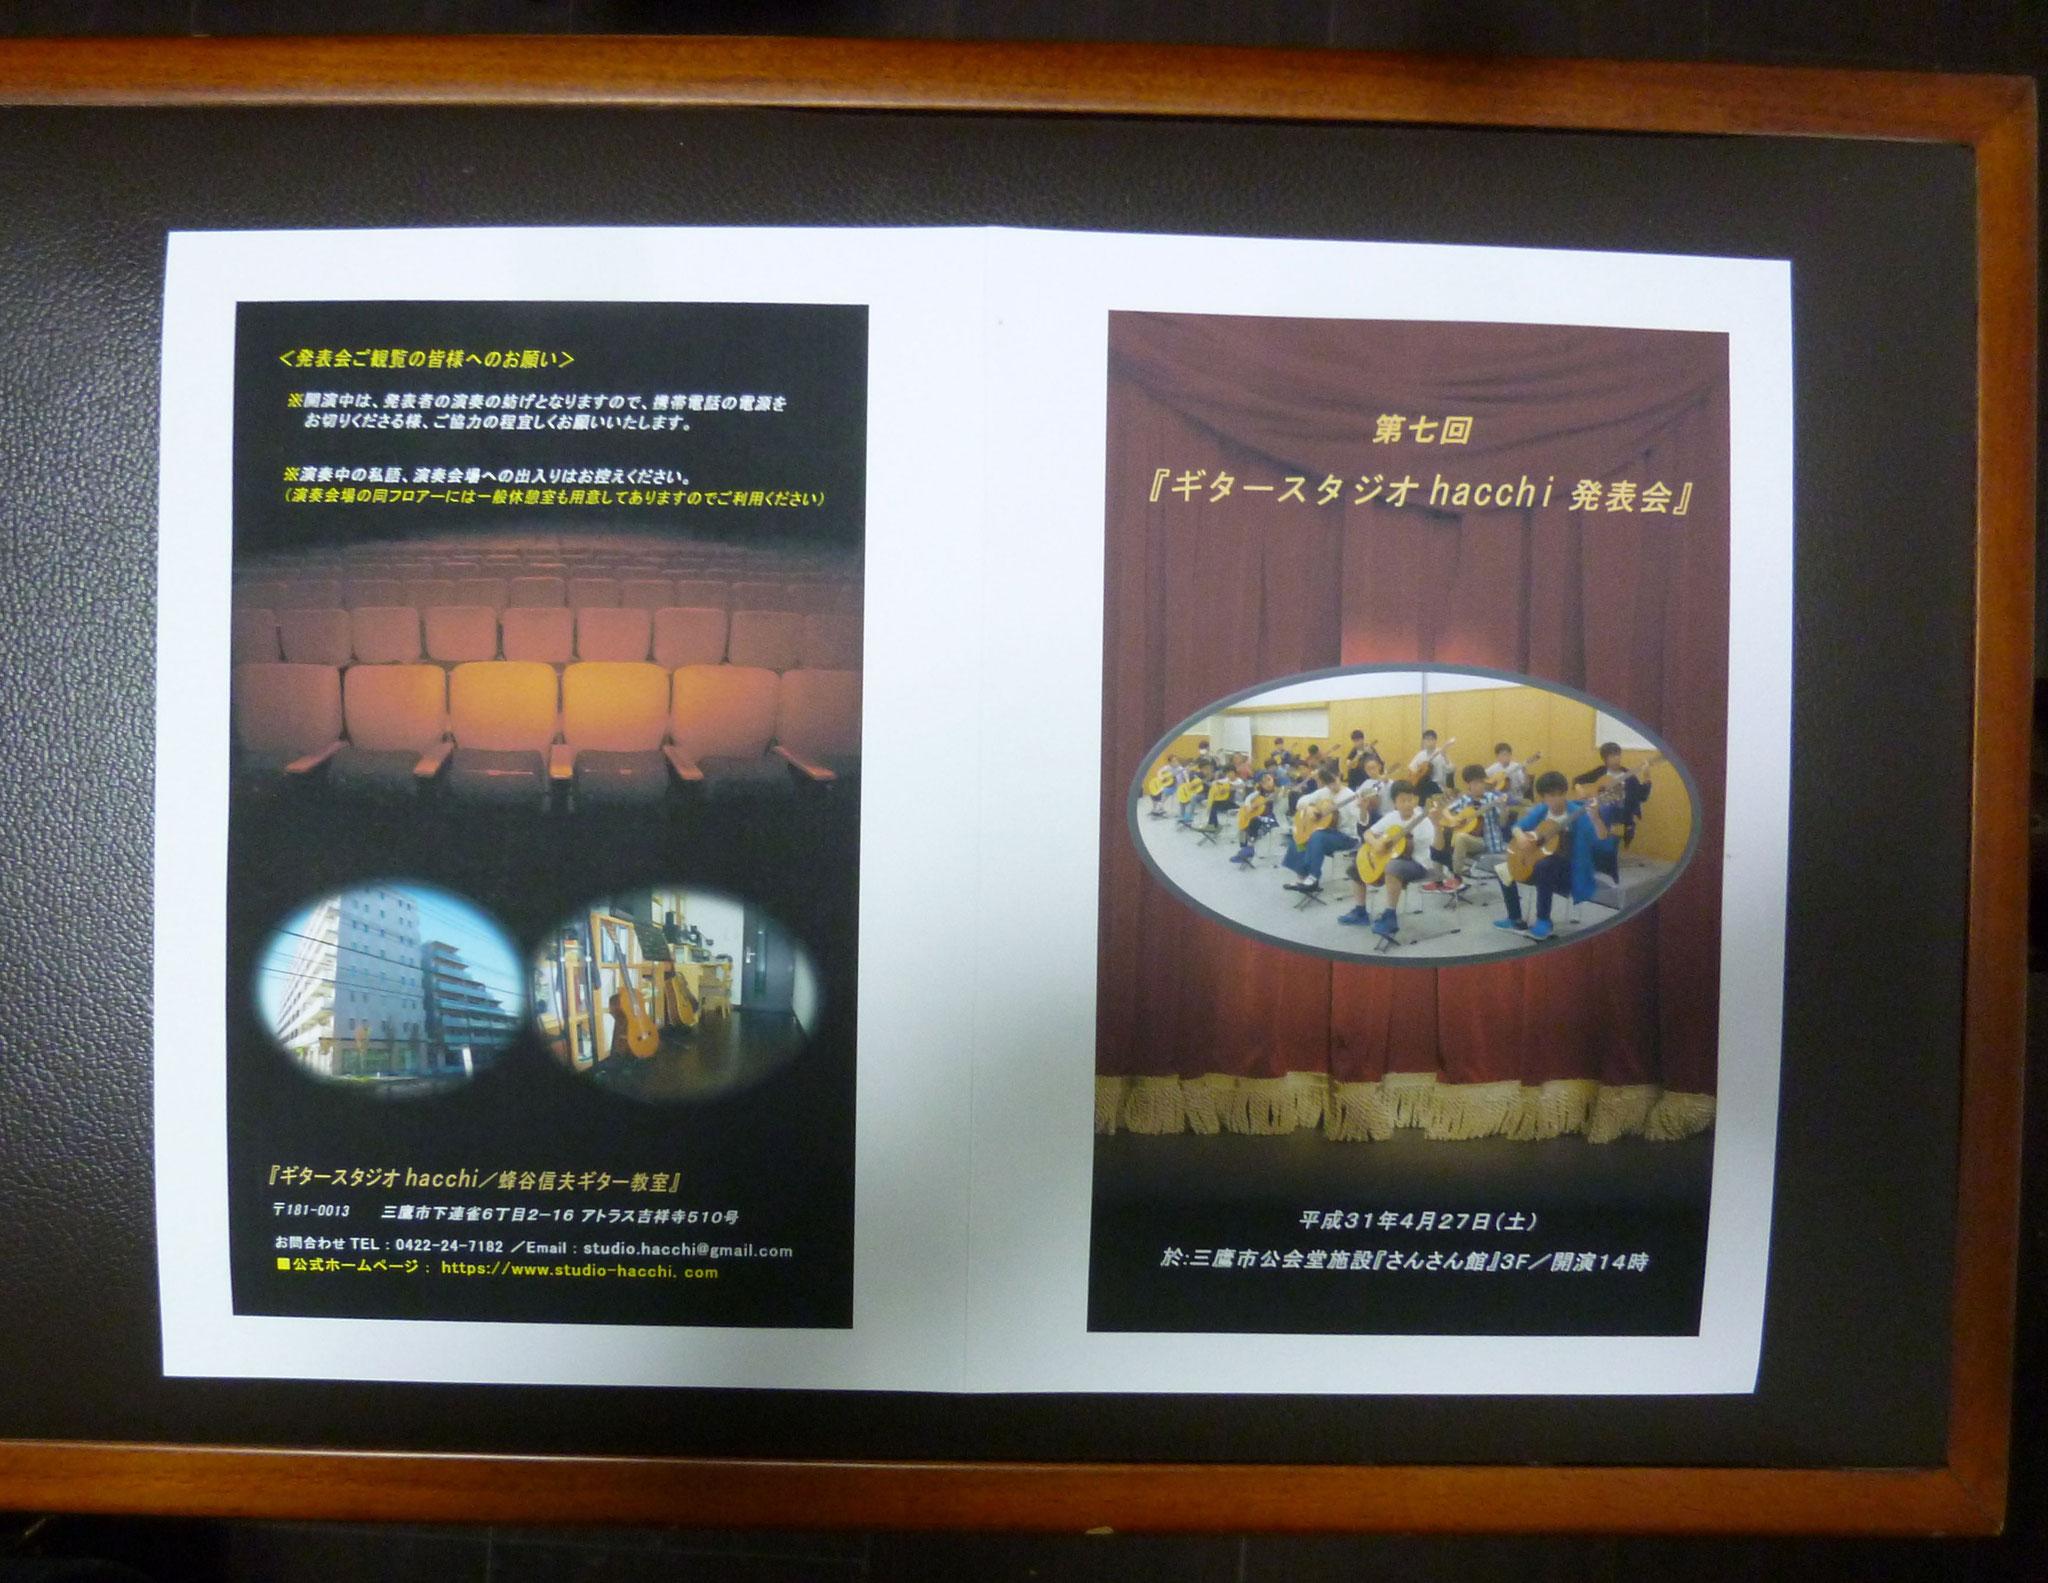 パンフレット( 1&4頁)